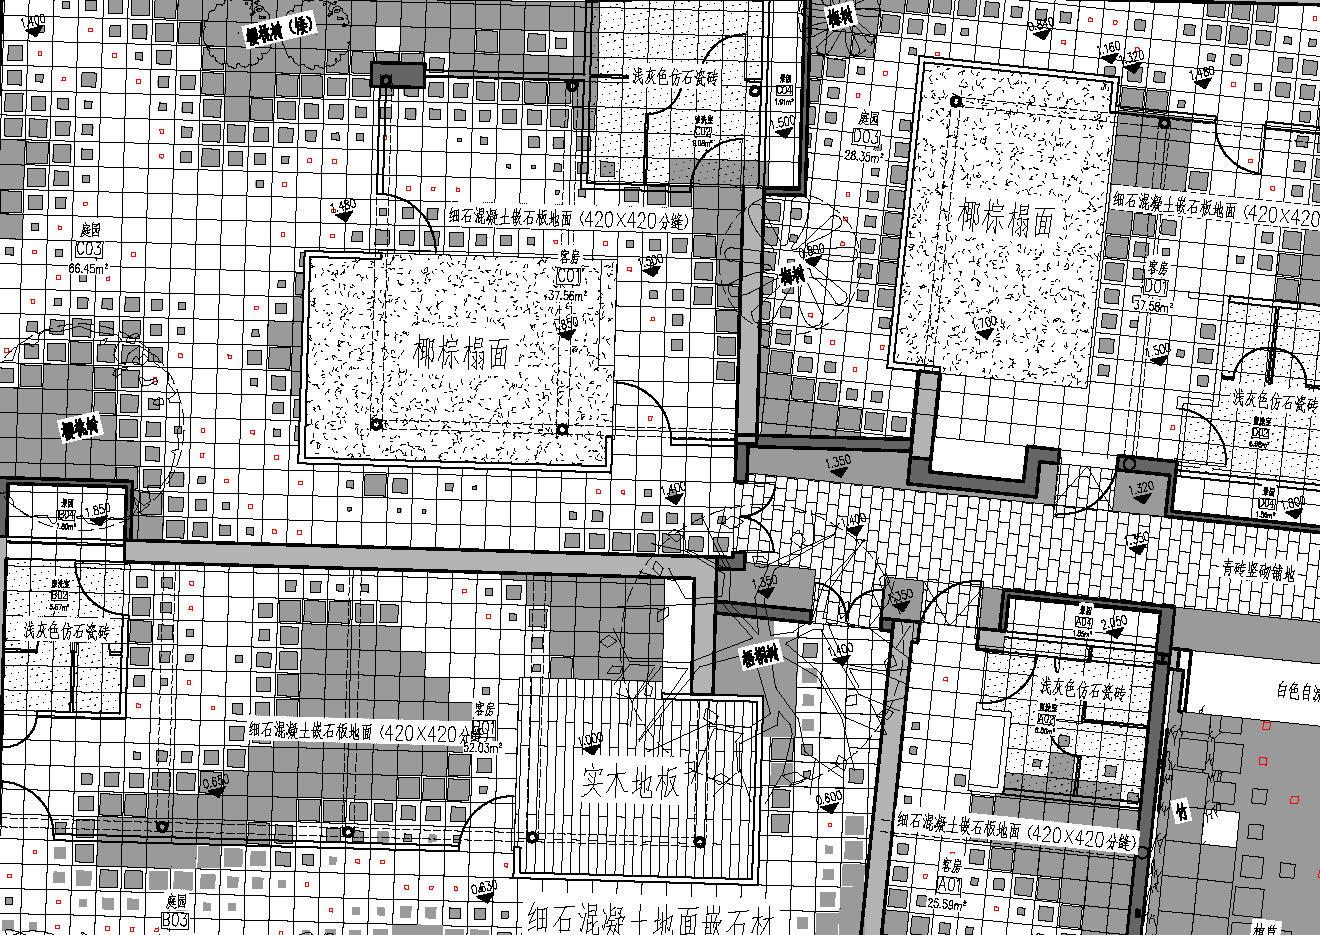 地面布置图.jpg